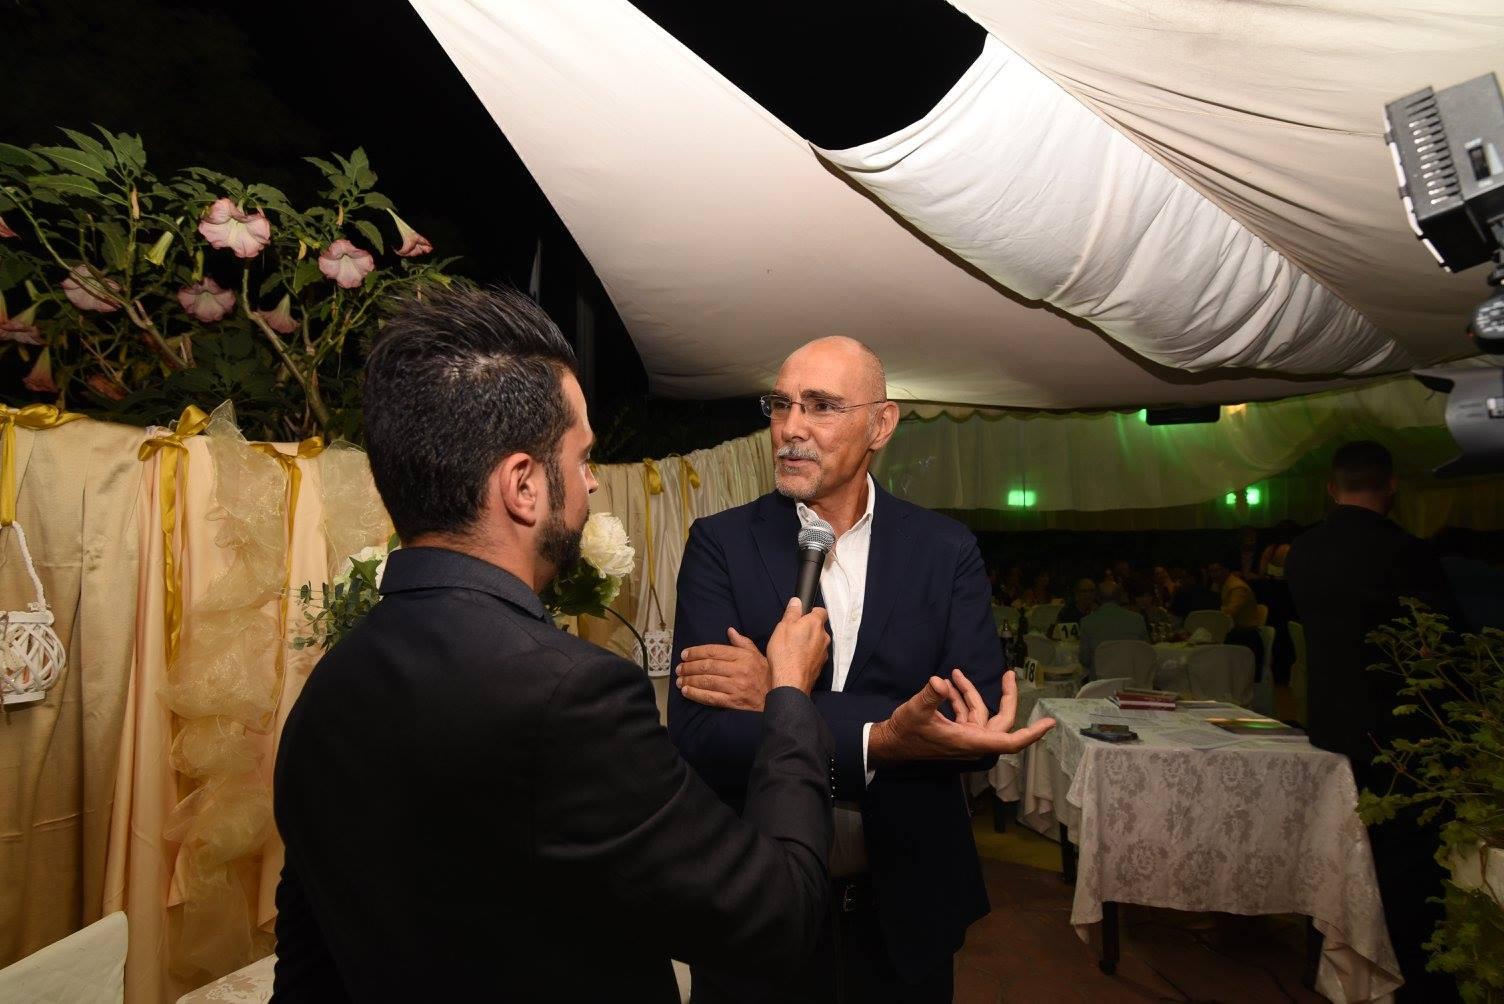 Daniele Falleri intervistato prima dell inizio della serata